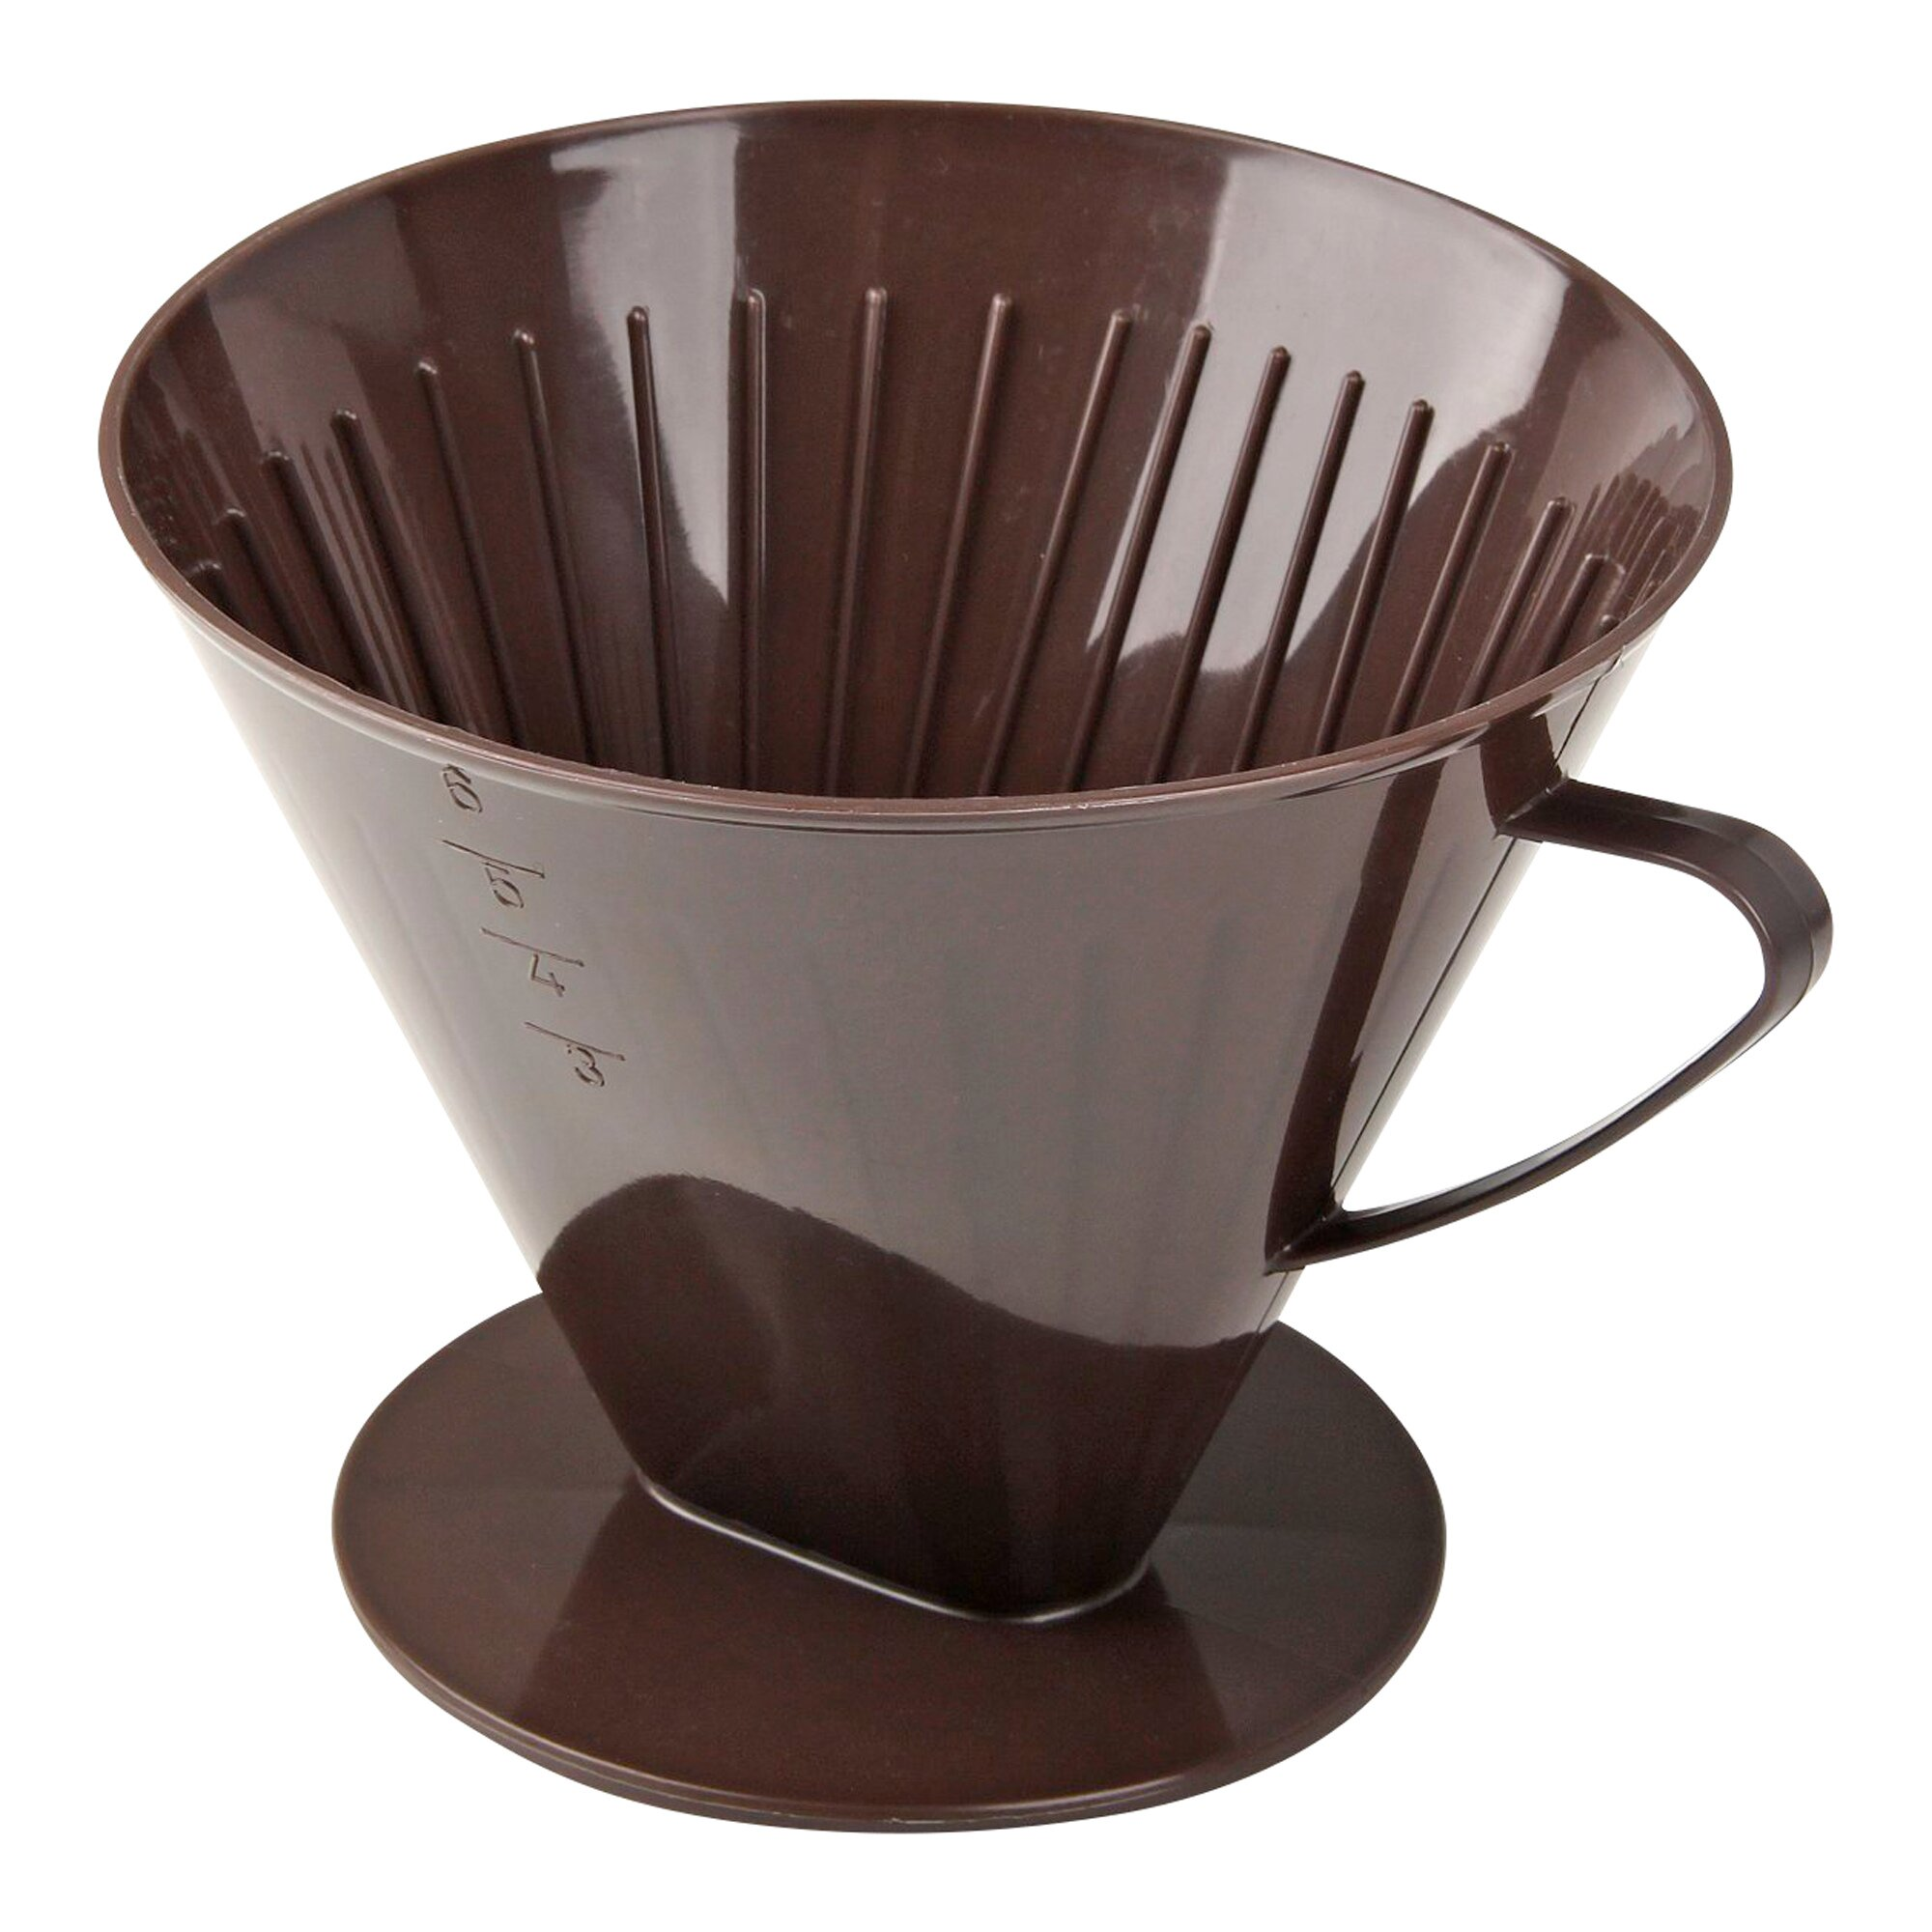 Image of FACKELMANN FACKELMANN® Kaffeefilterbehälter mit Griff